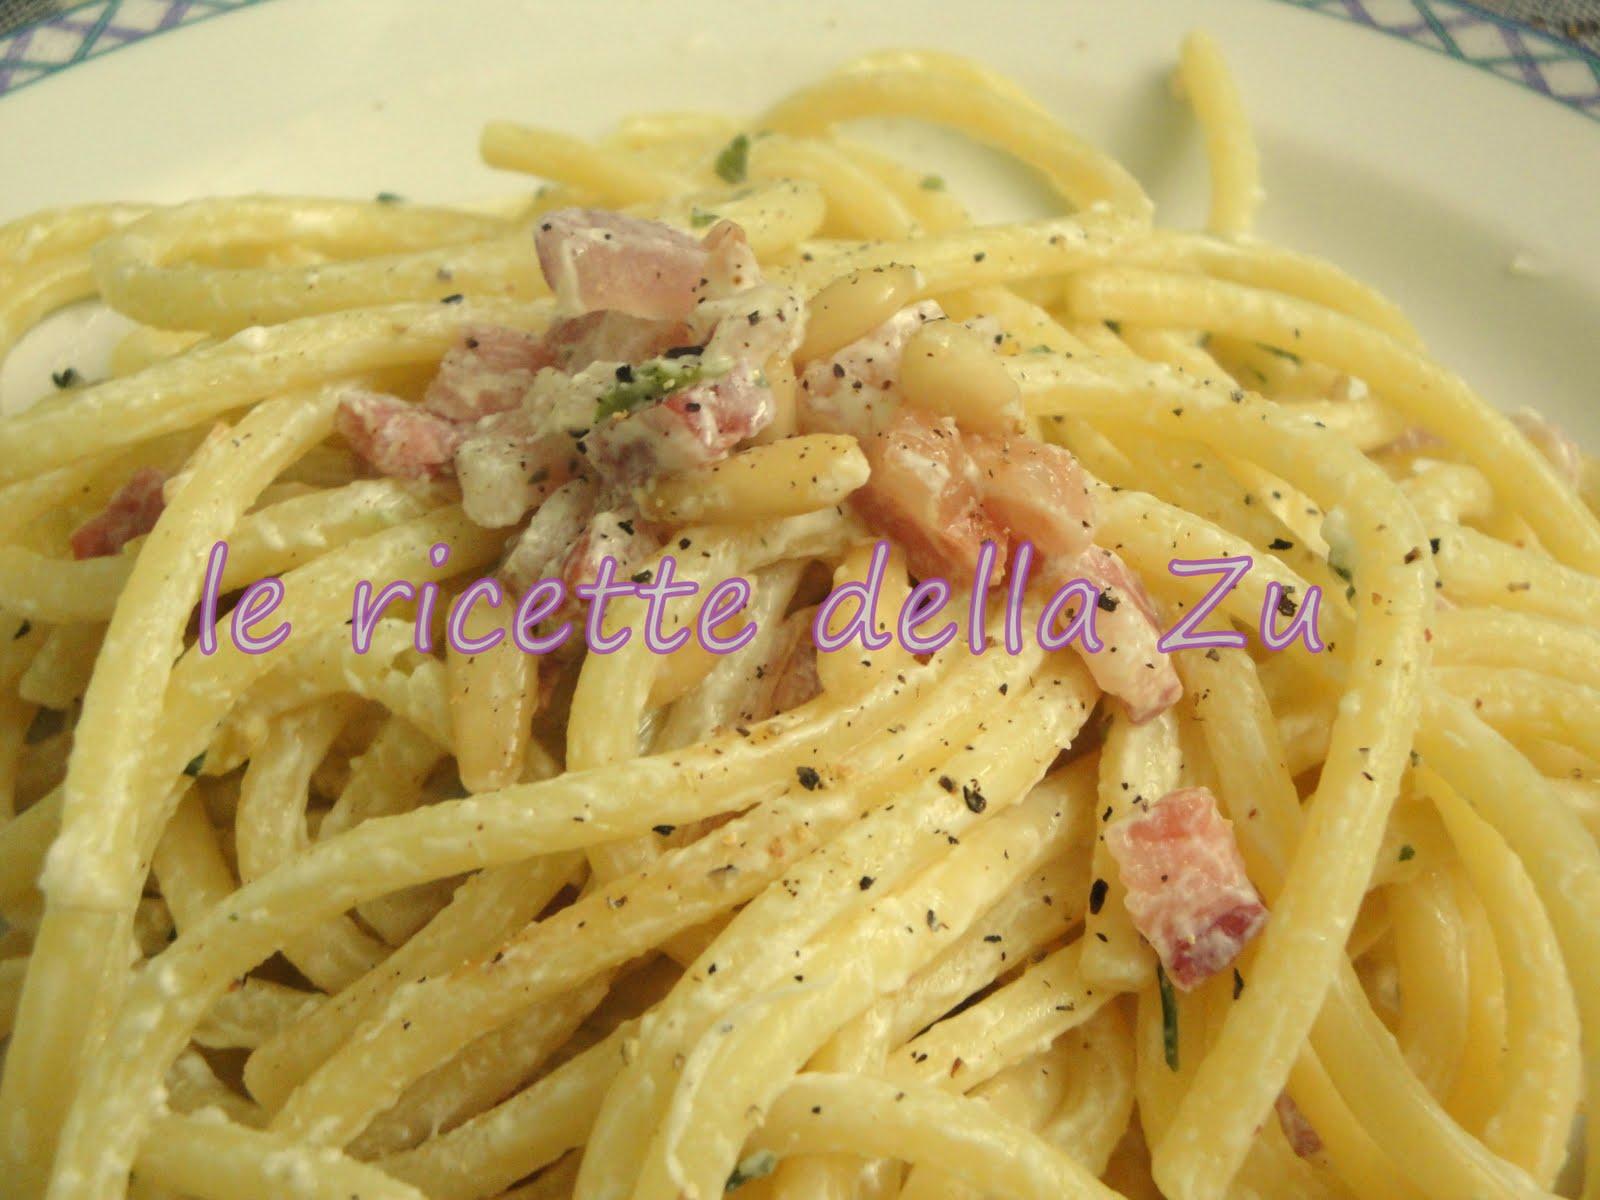 Ricette con pasta e pancetta a cubetti